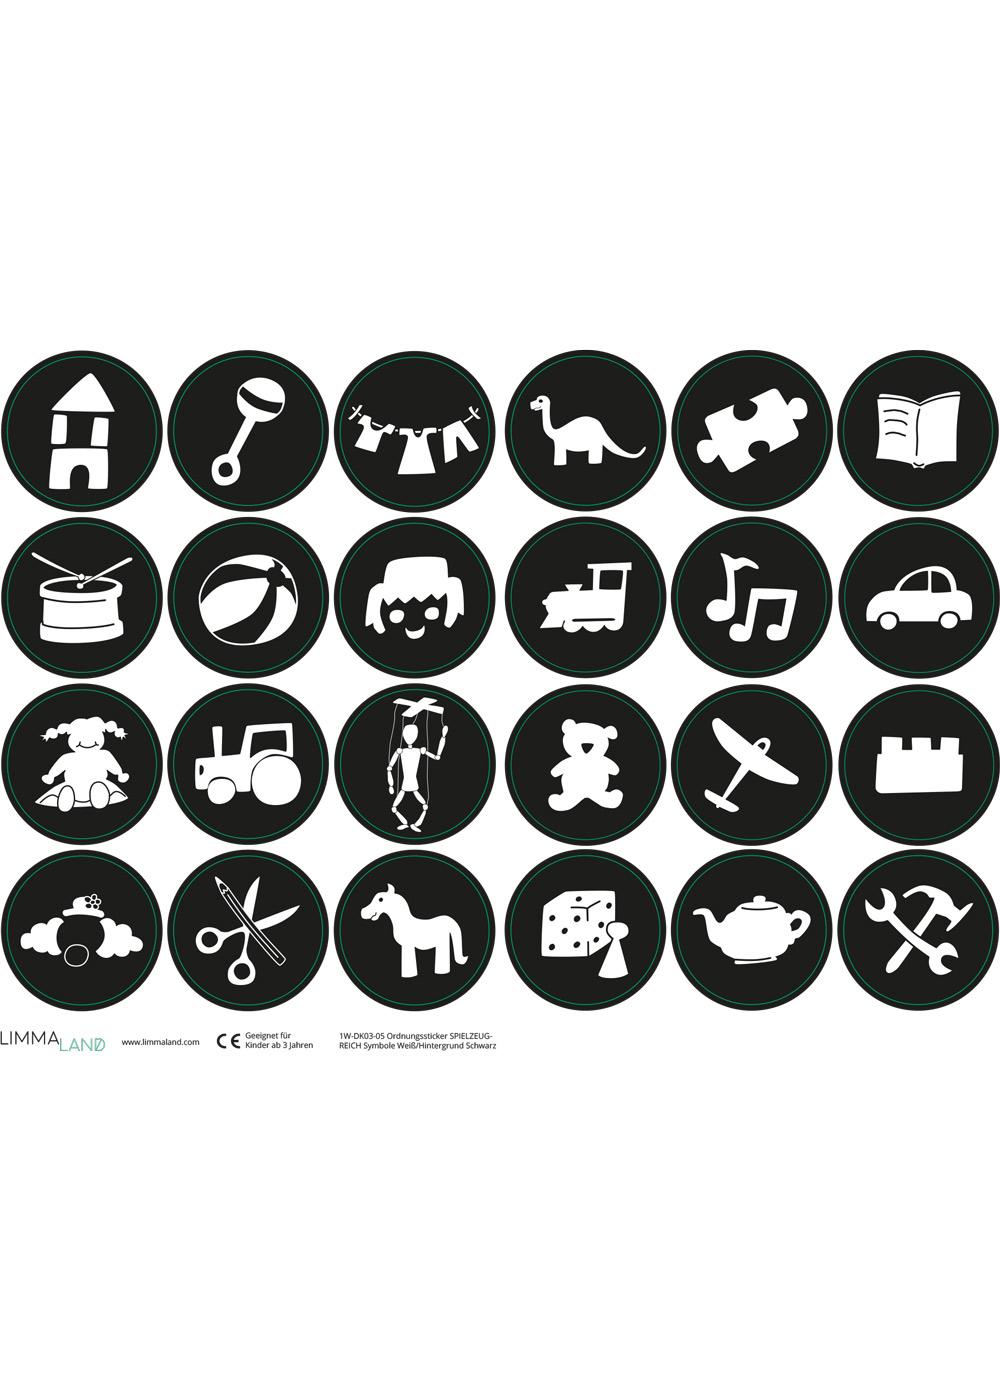 Ikea Trofast Spielzeug schwarz Druckvorlage